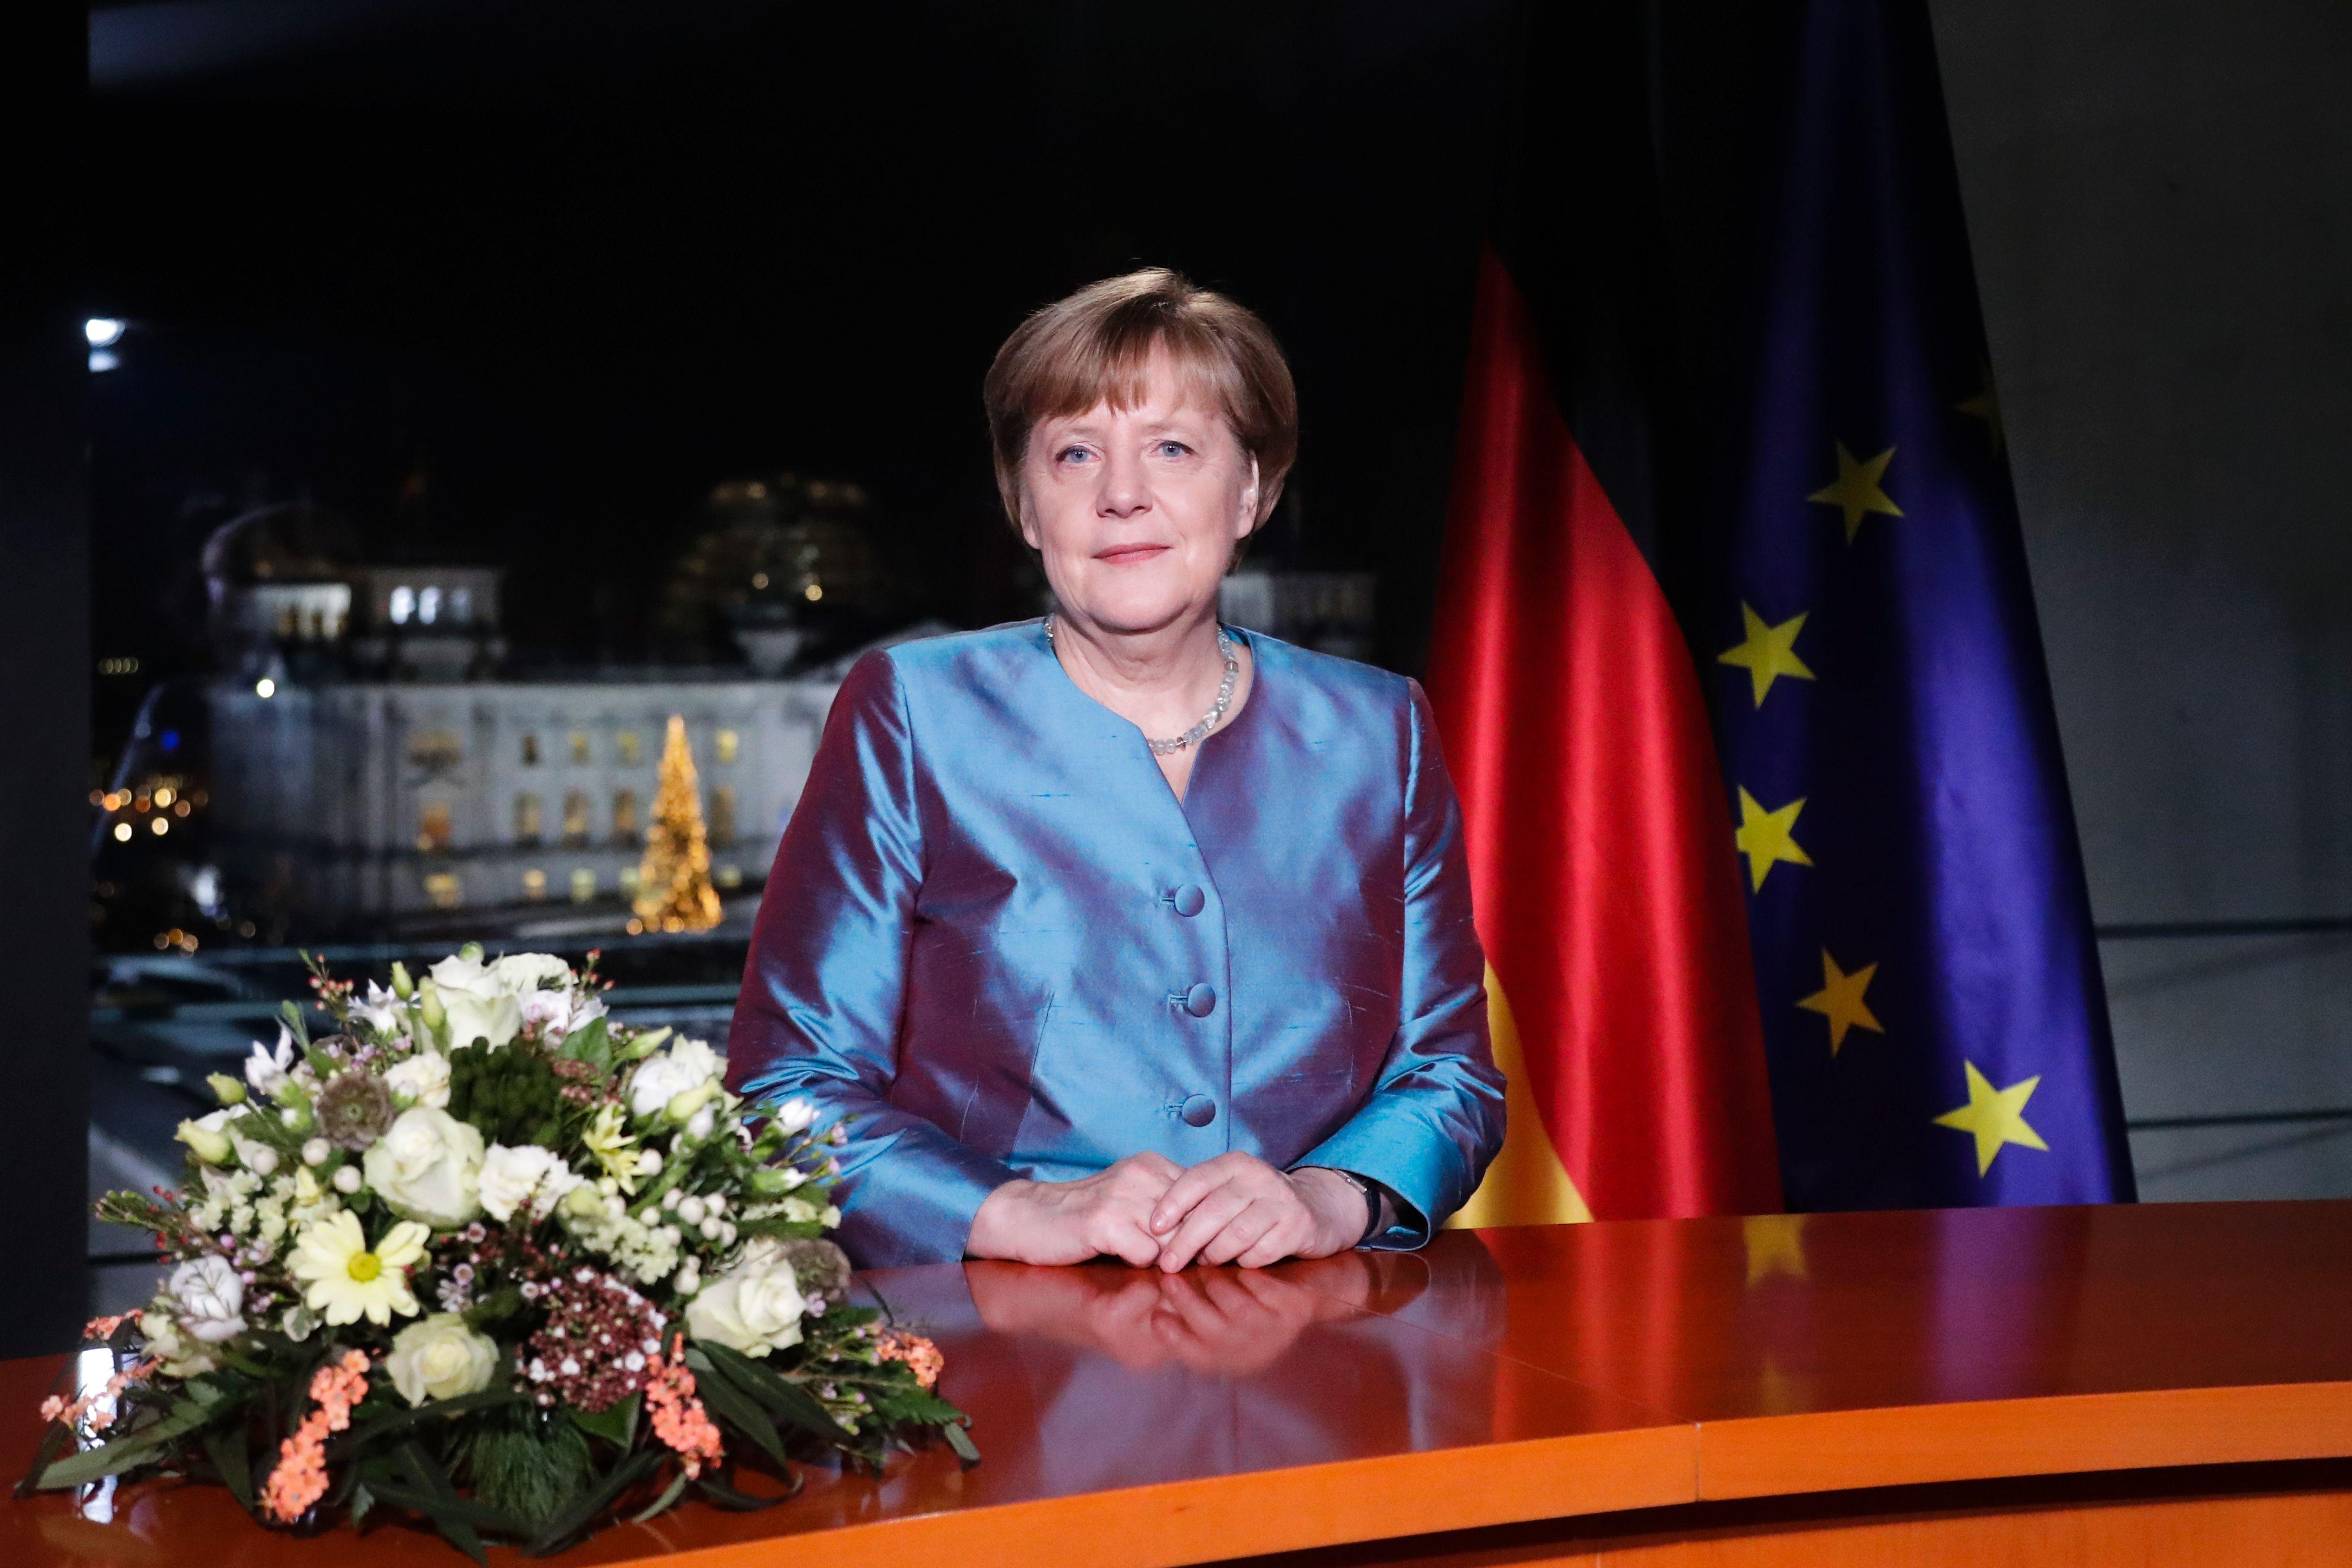 المستشارة الألمانية تؤكد أهمية الناتو في المنظومة الدفاعية